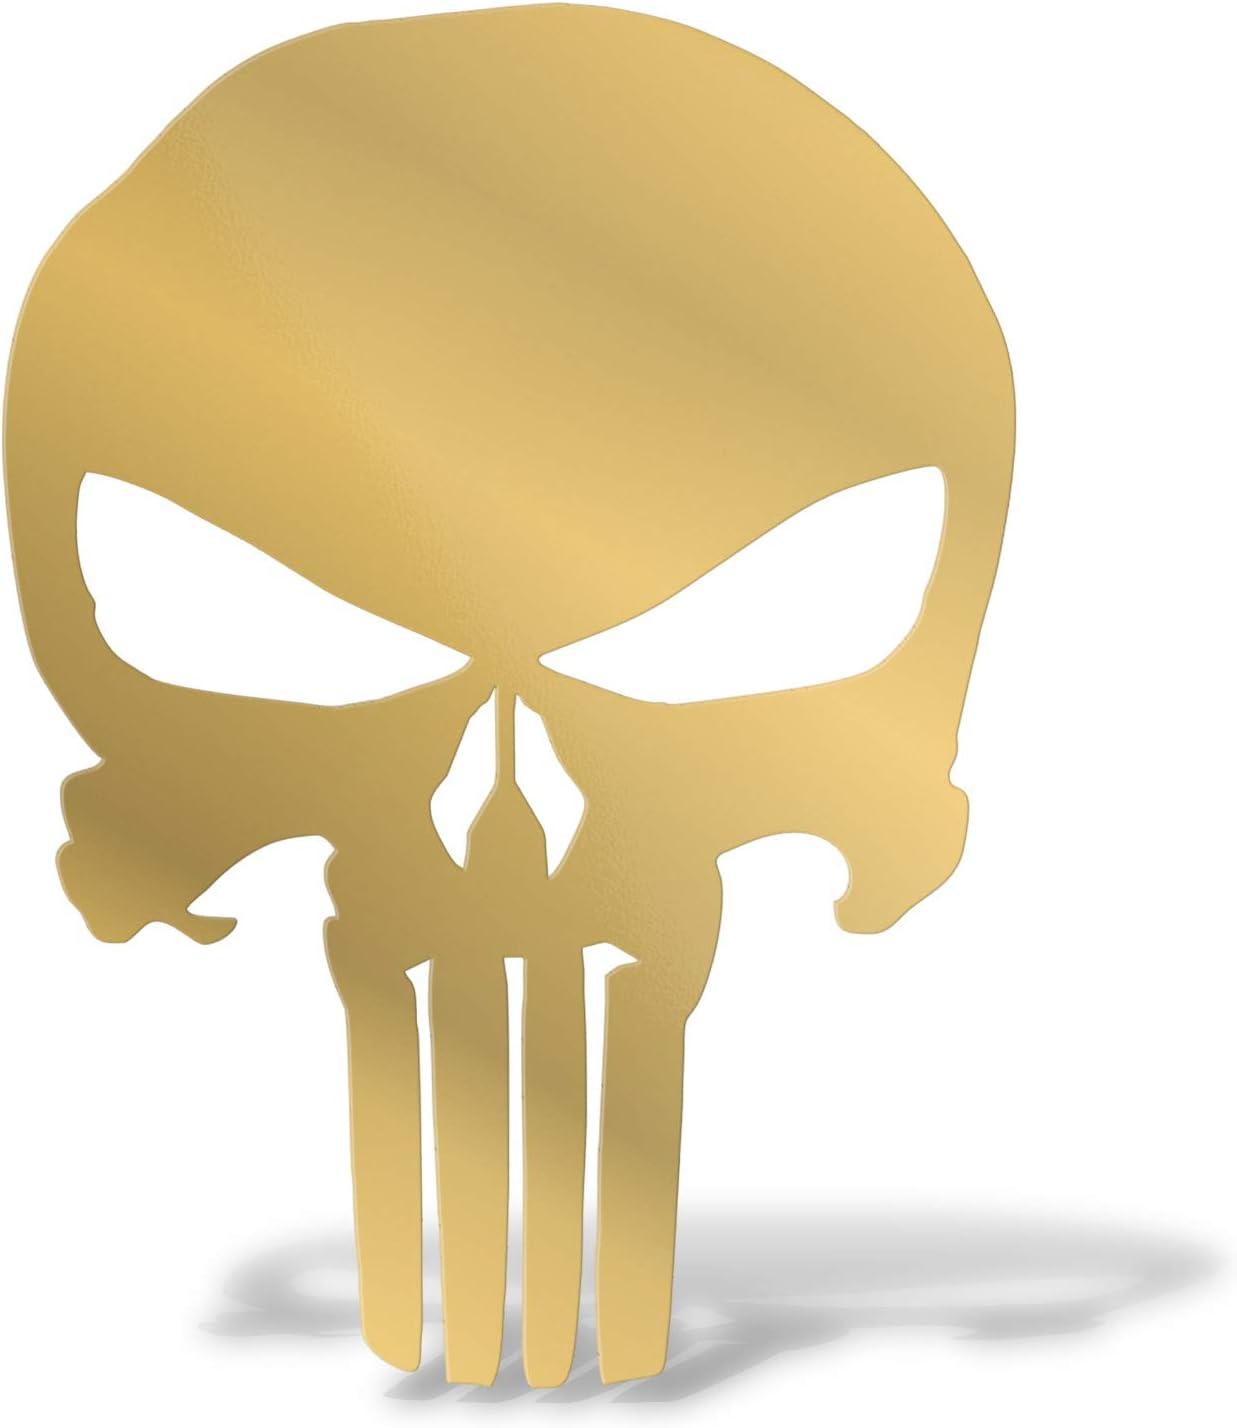 Erreinge Aufkleber Prespaced Gold 12cm Punisher Schädel Schädel Aufkleber Aufkleber Wandvinyl Aufkleber Laptop Auto Moto Helm Camper Baumarkt